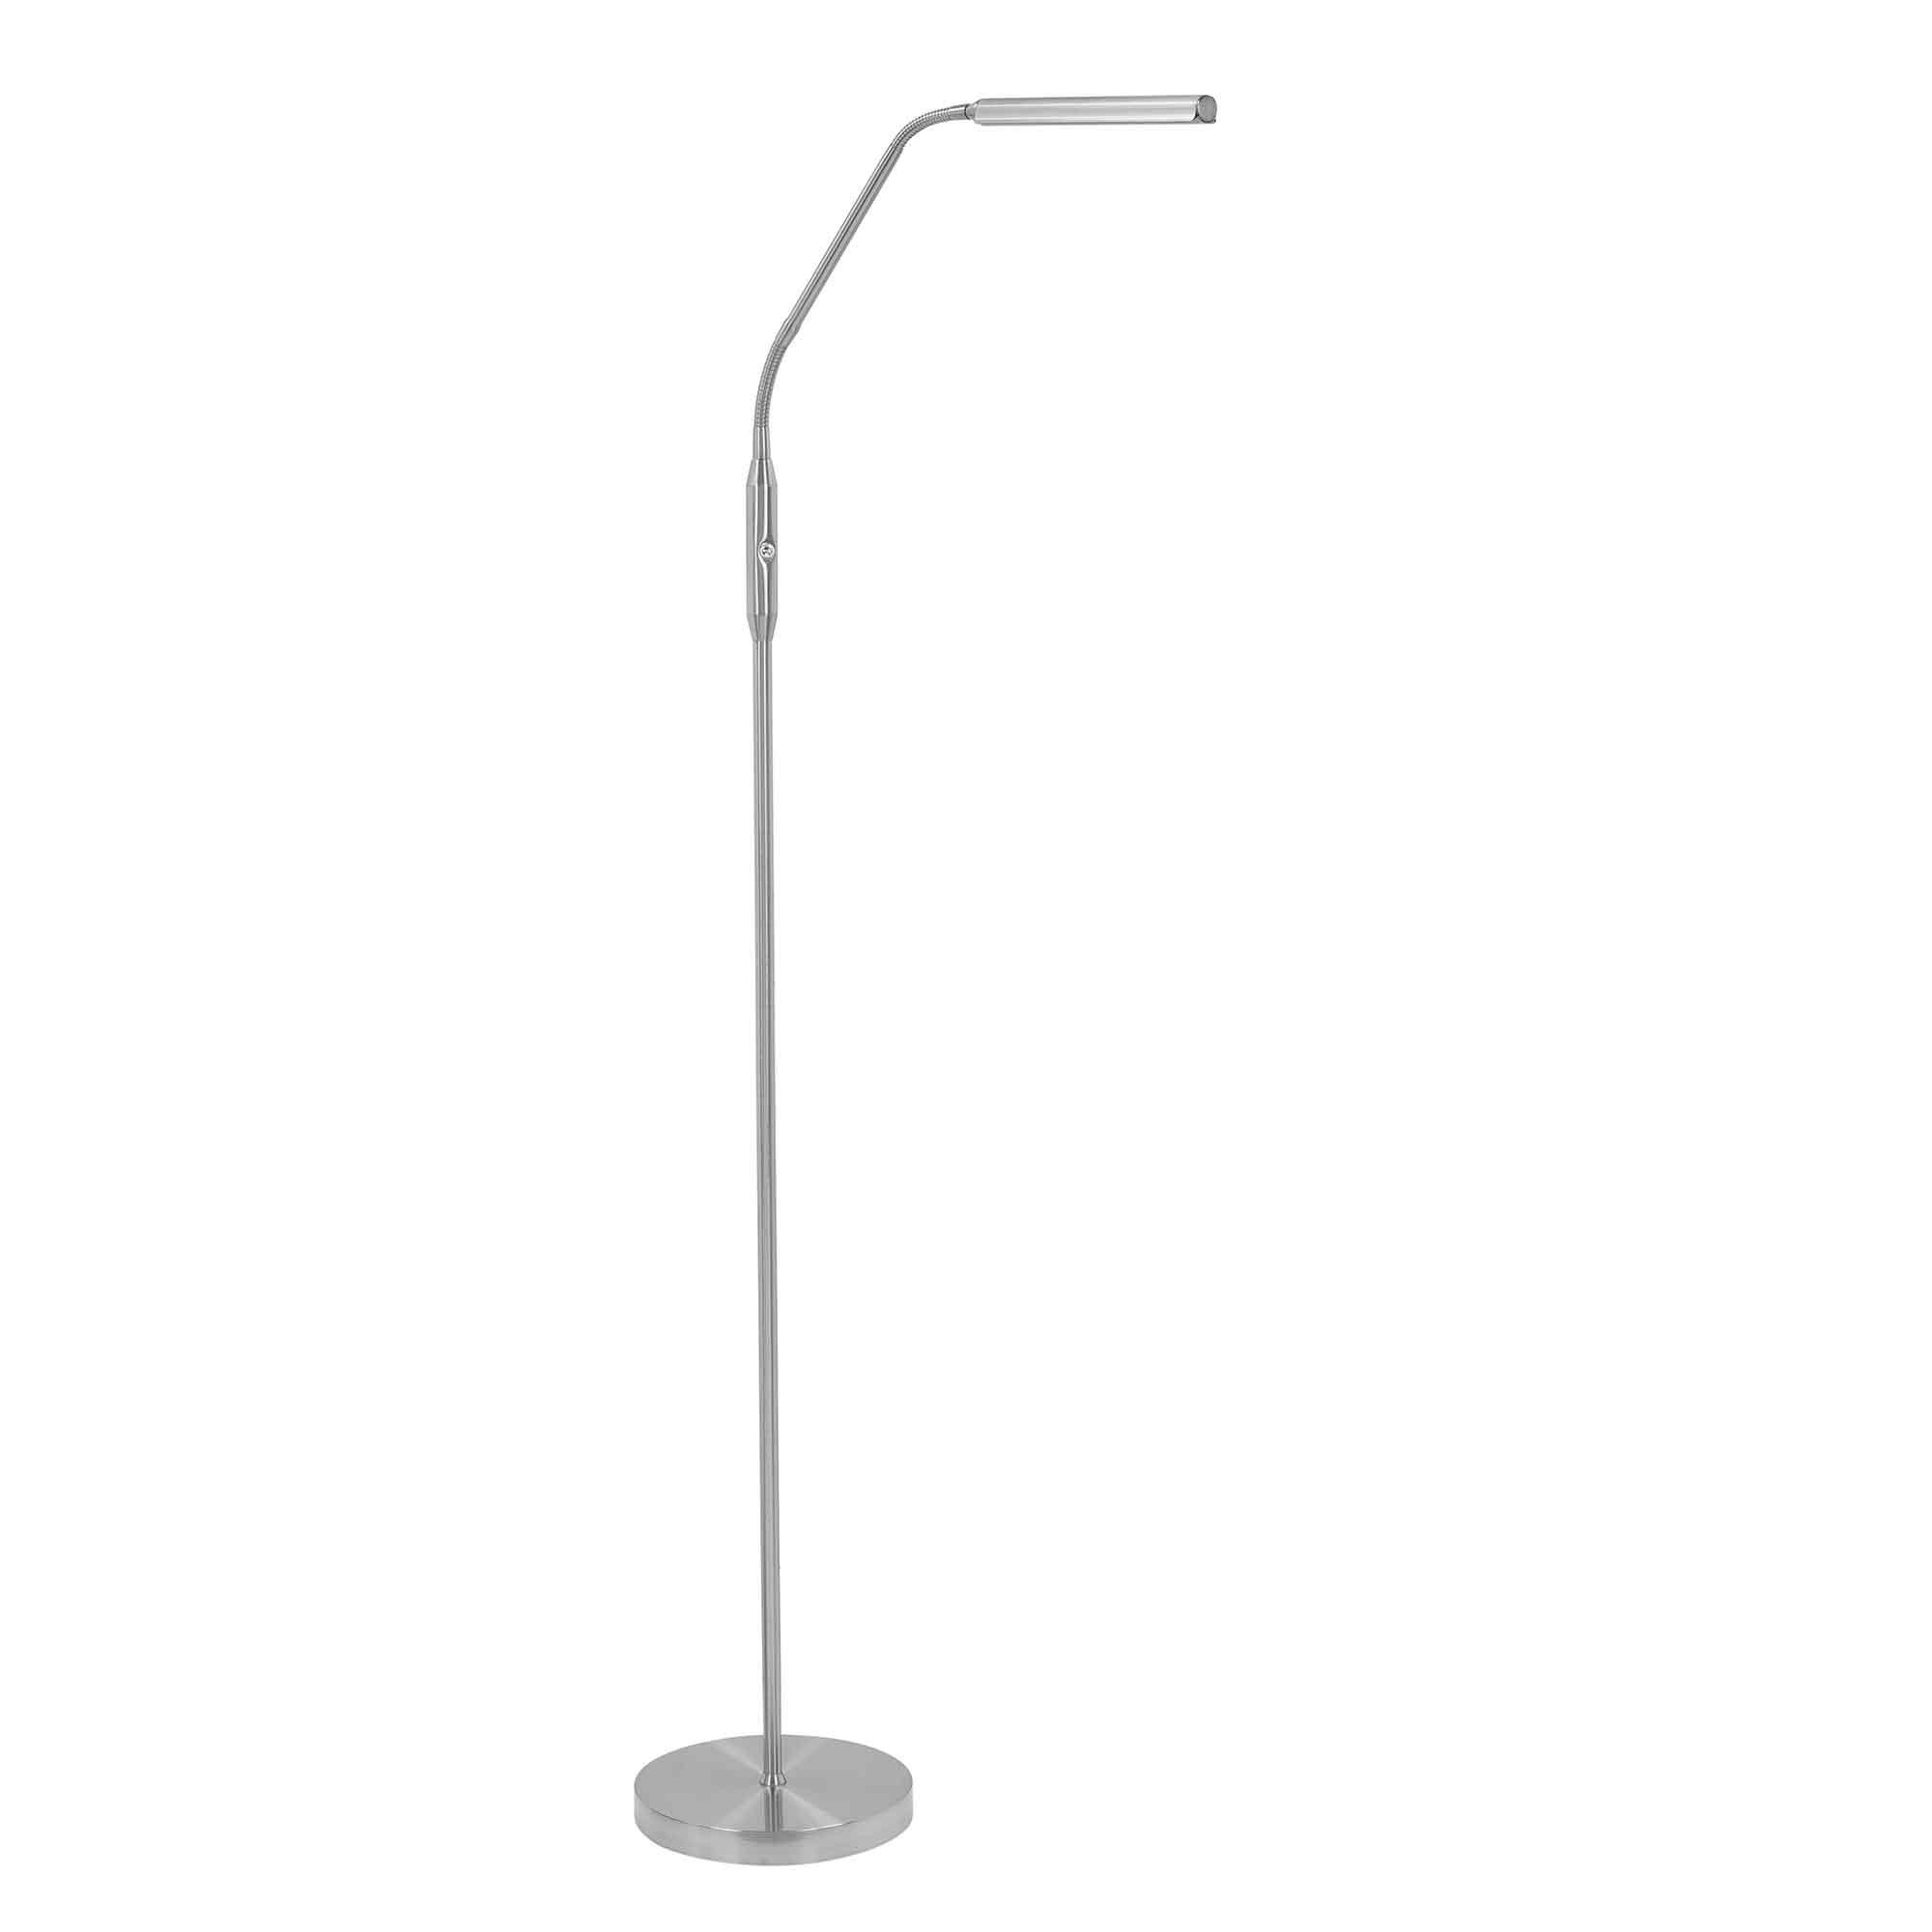 Highlight Vloerlamp Murcia H 145 cm mat chroom